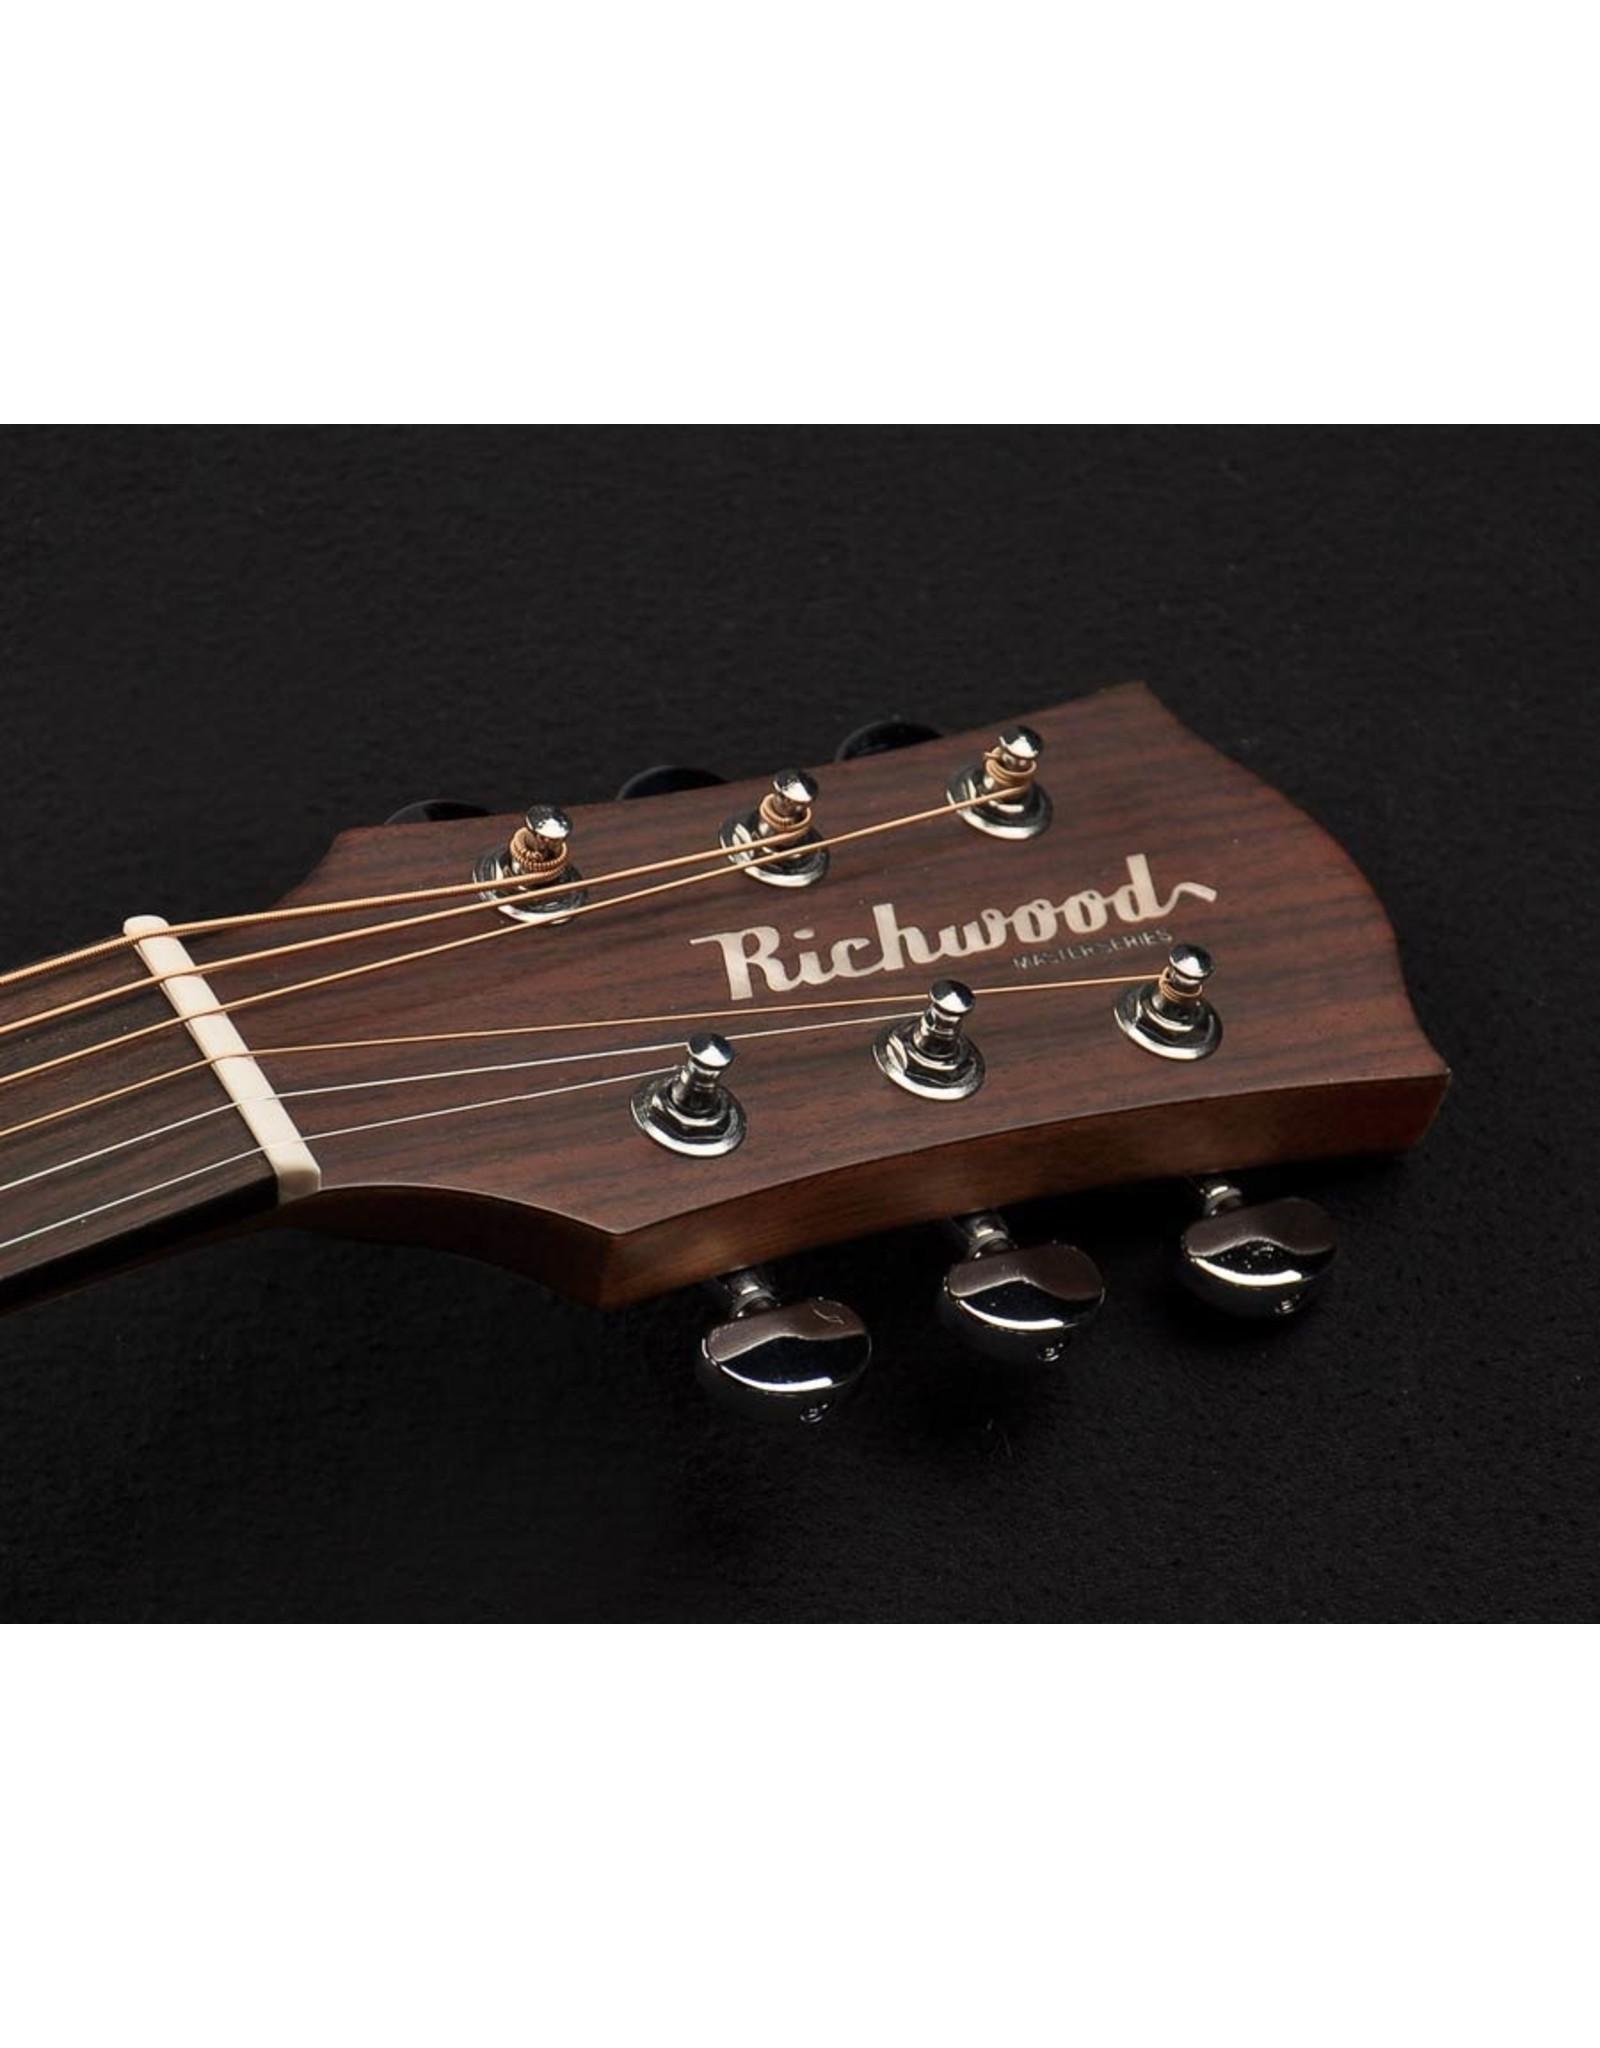 Richwood Richwood G-50CE